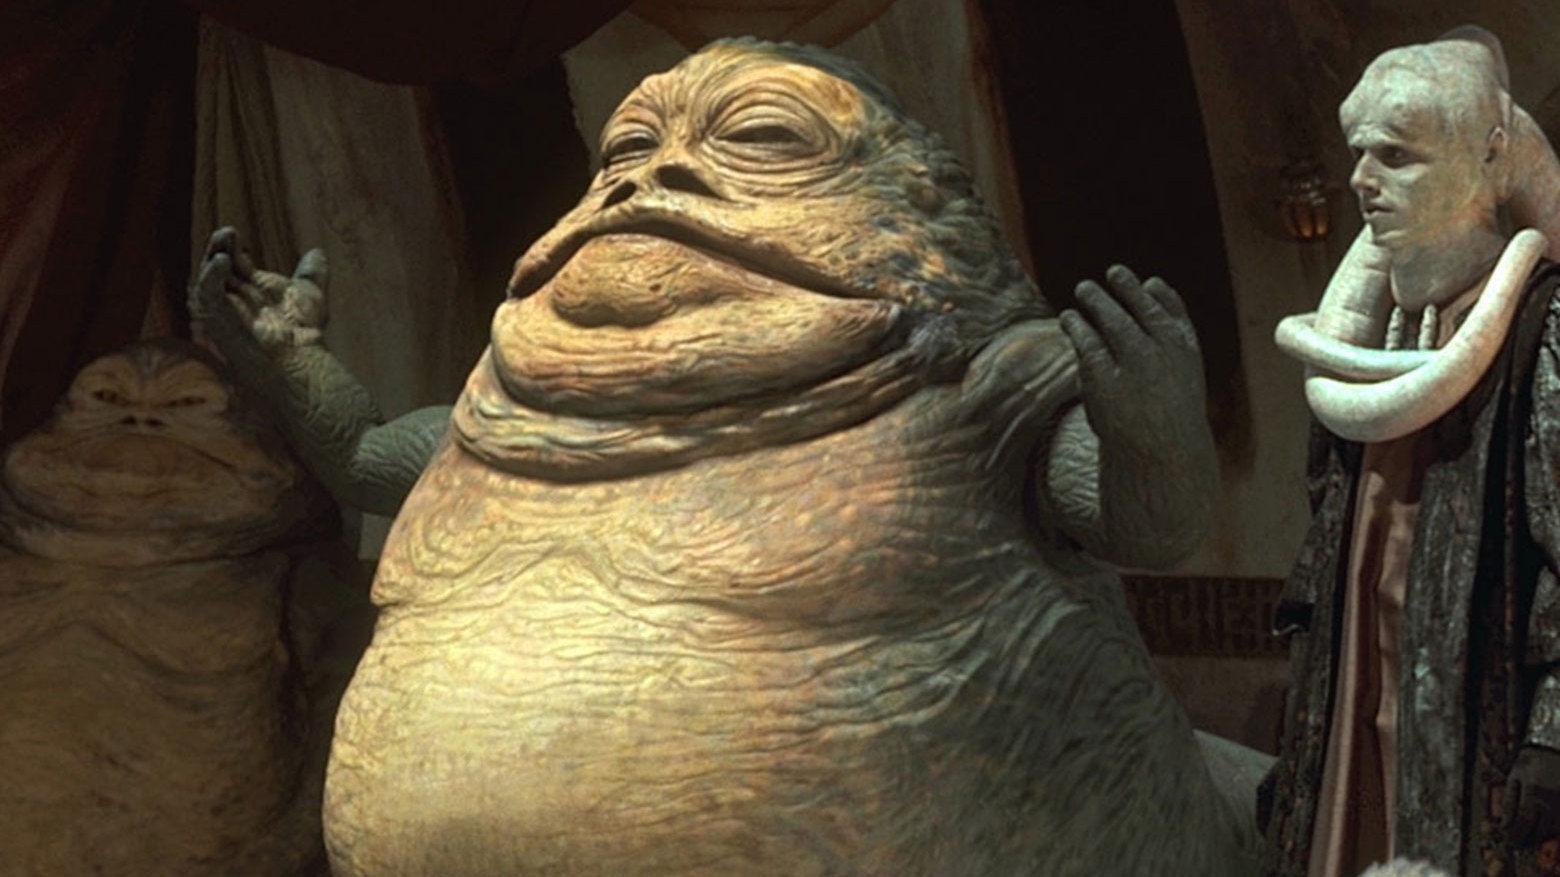 Jabba the hut Come at me bro